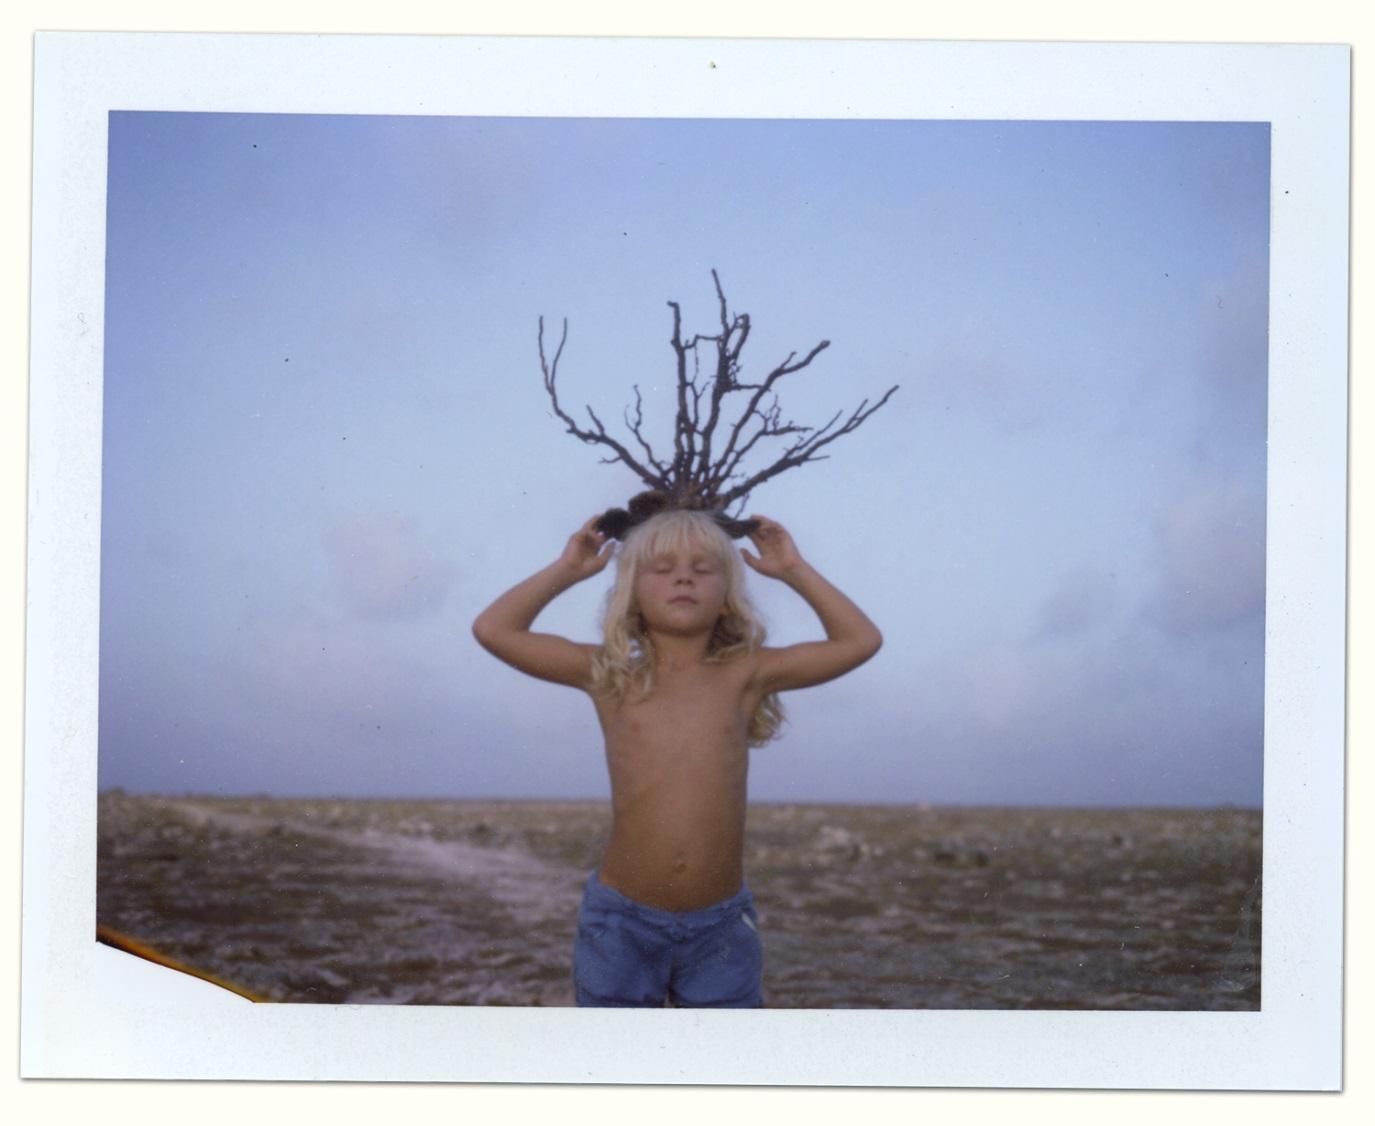 """Publikumsjuryen bestemte gjennom avstemming at vinner av Utstyrsstipendet er: Tone Elin Solholm""""Telma, Kleine Curacao 2014"""" Jurynummer som har vunnet bildet er nr: 155"""